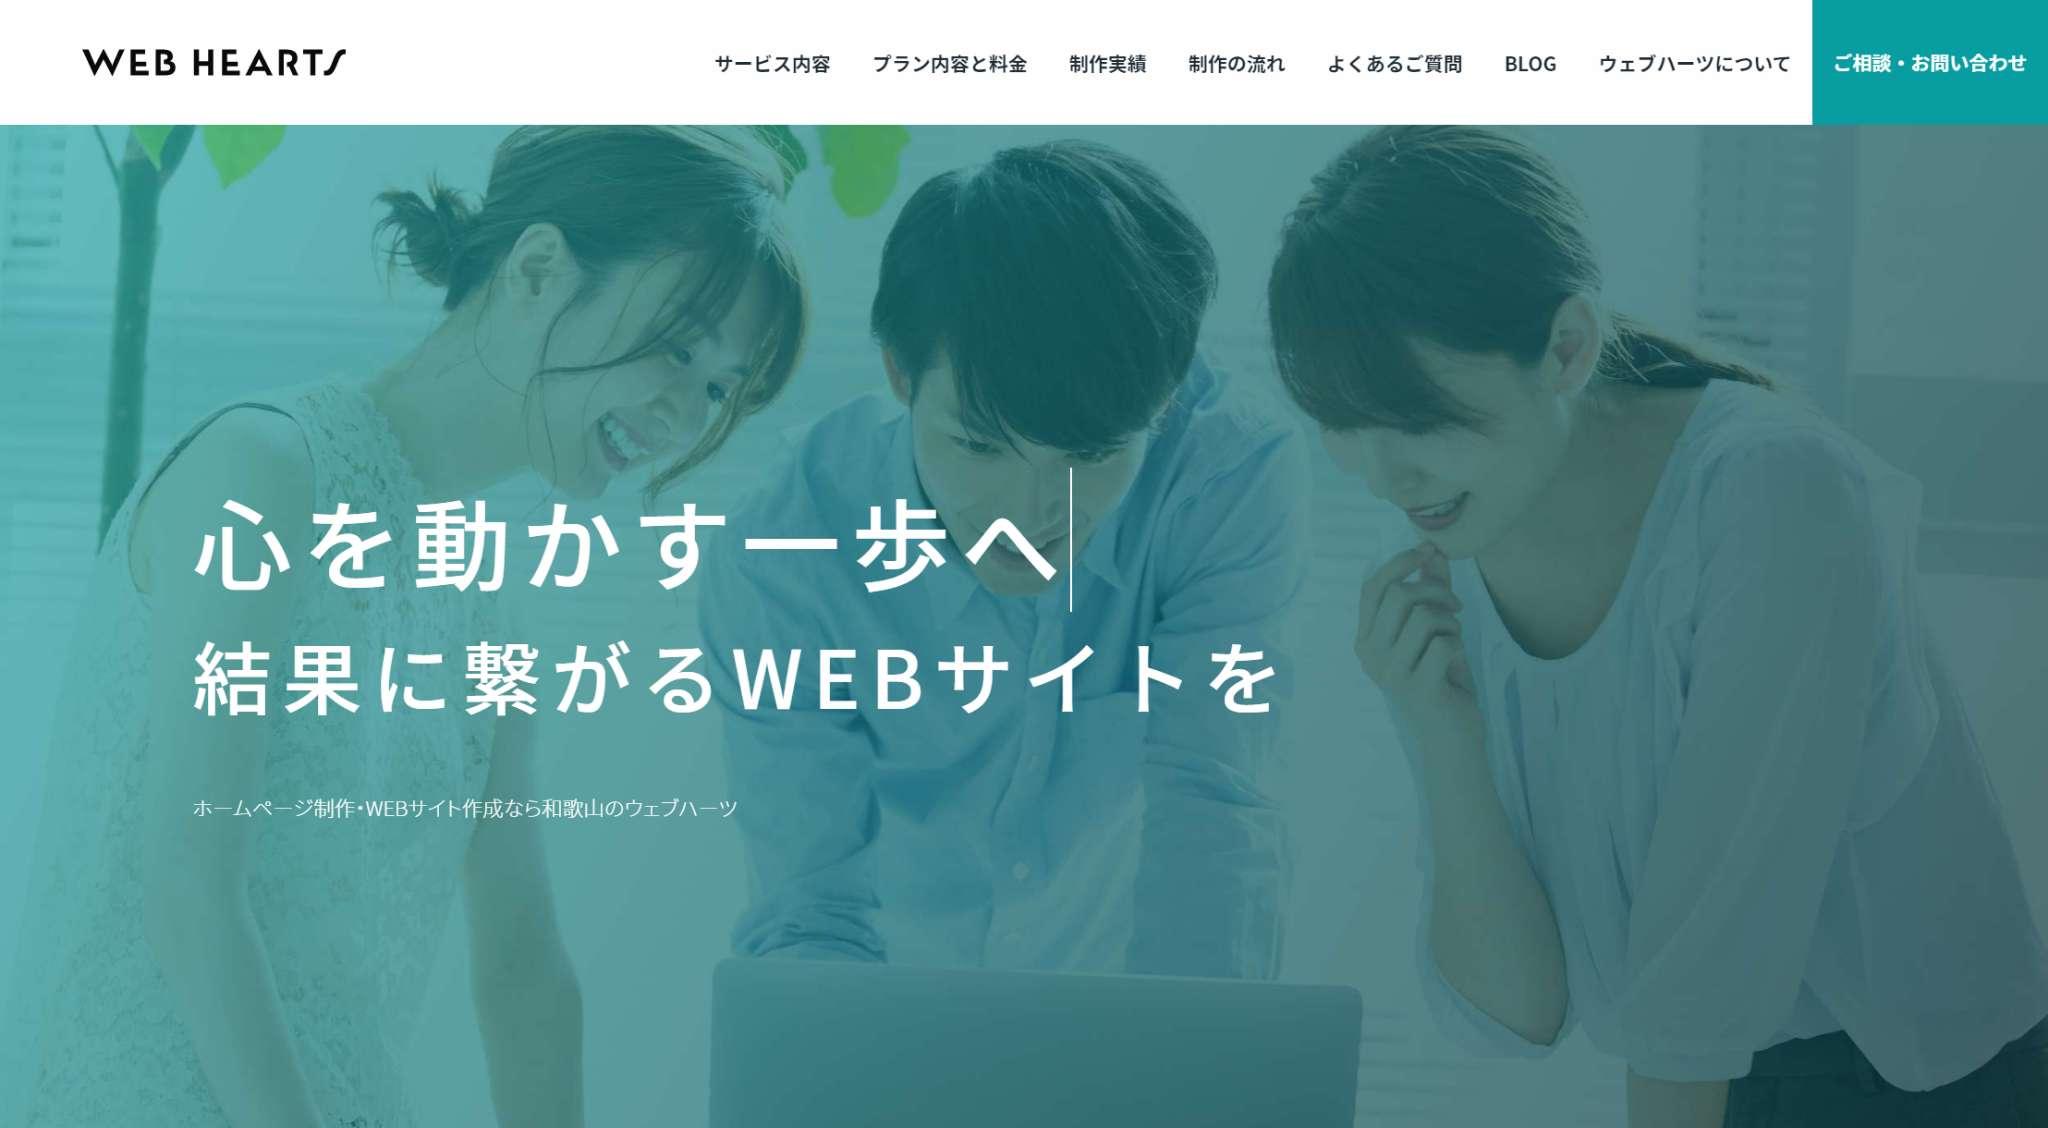 和歌山のホームページ制作ウェブハーツ